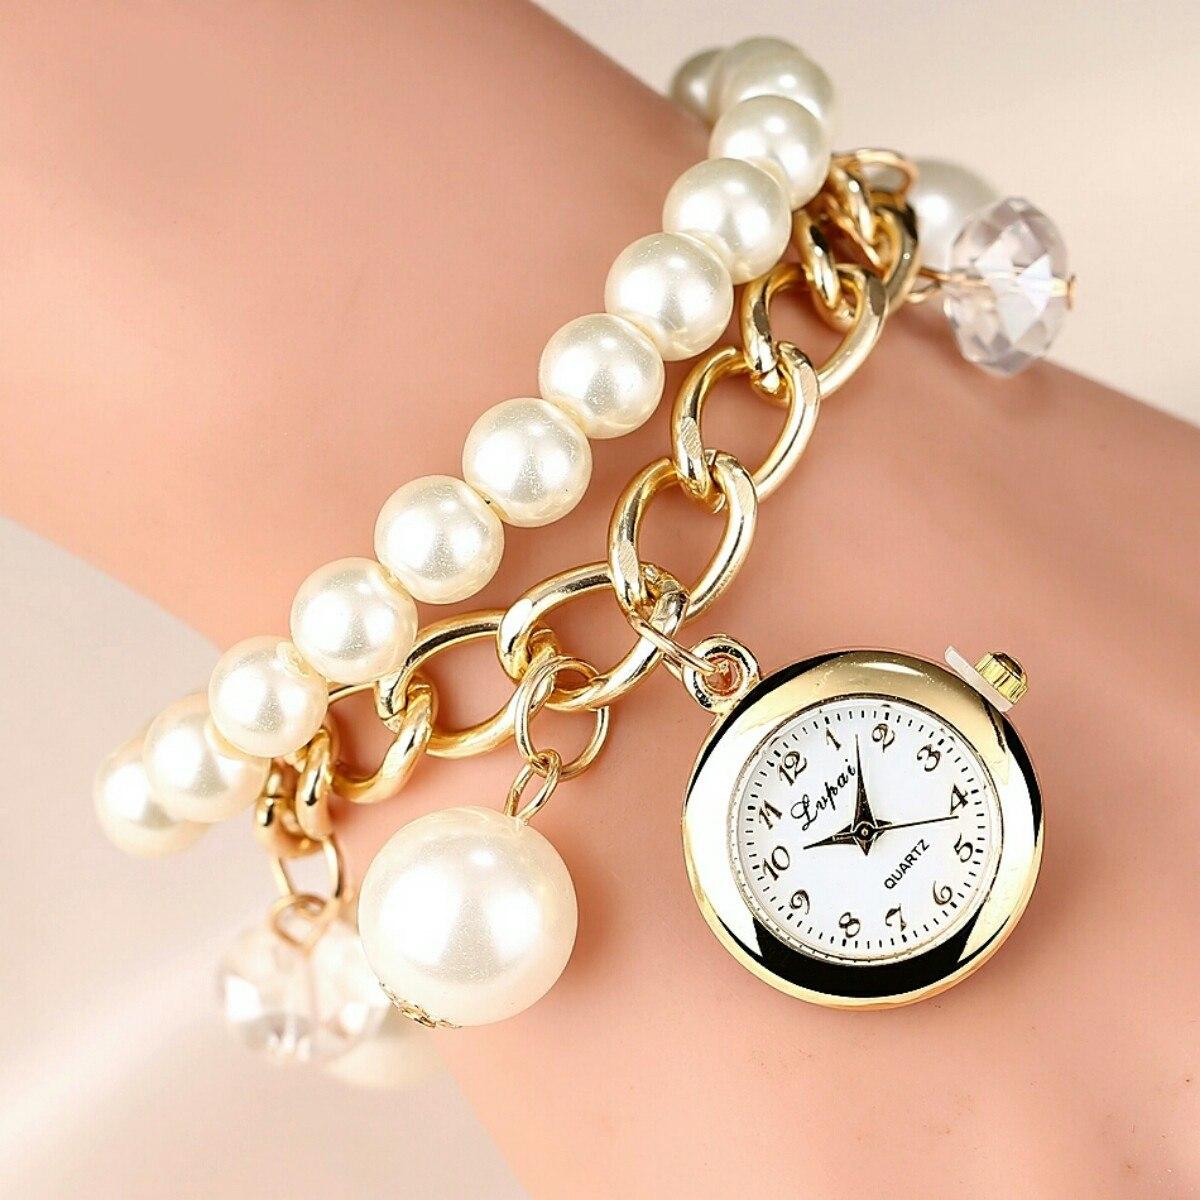 fdcb4039fe09 reloj pulsera perlas moda mujer nuevos. Cargando zoom.